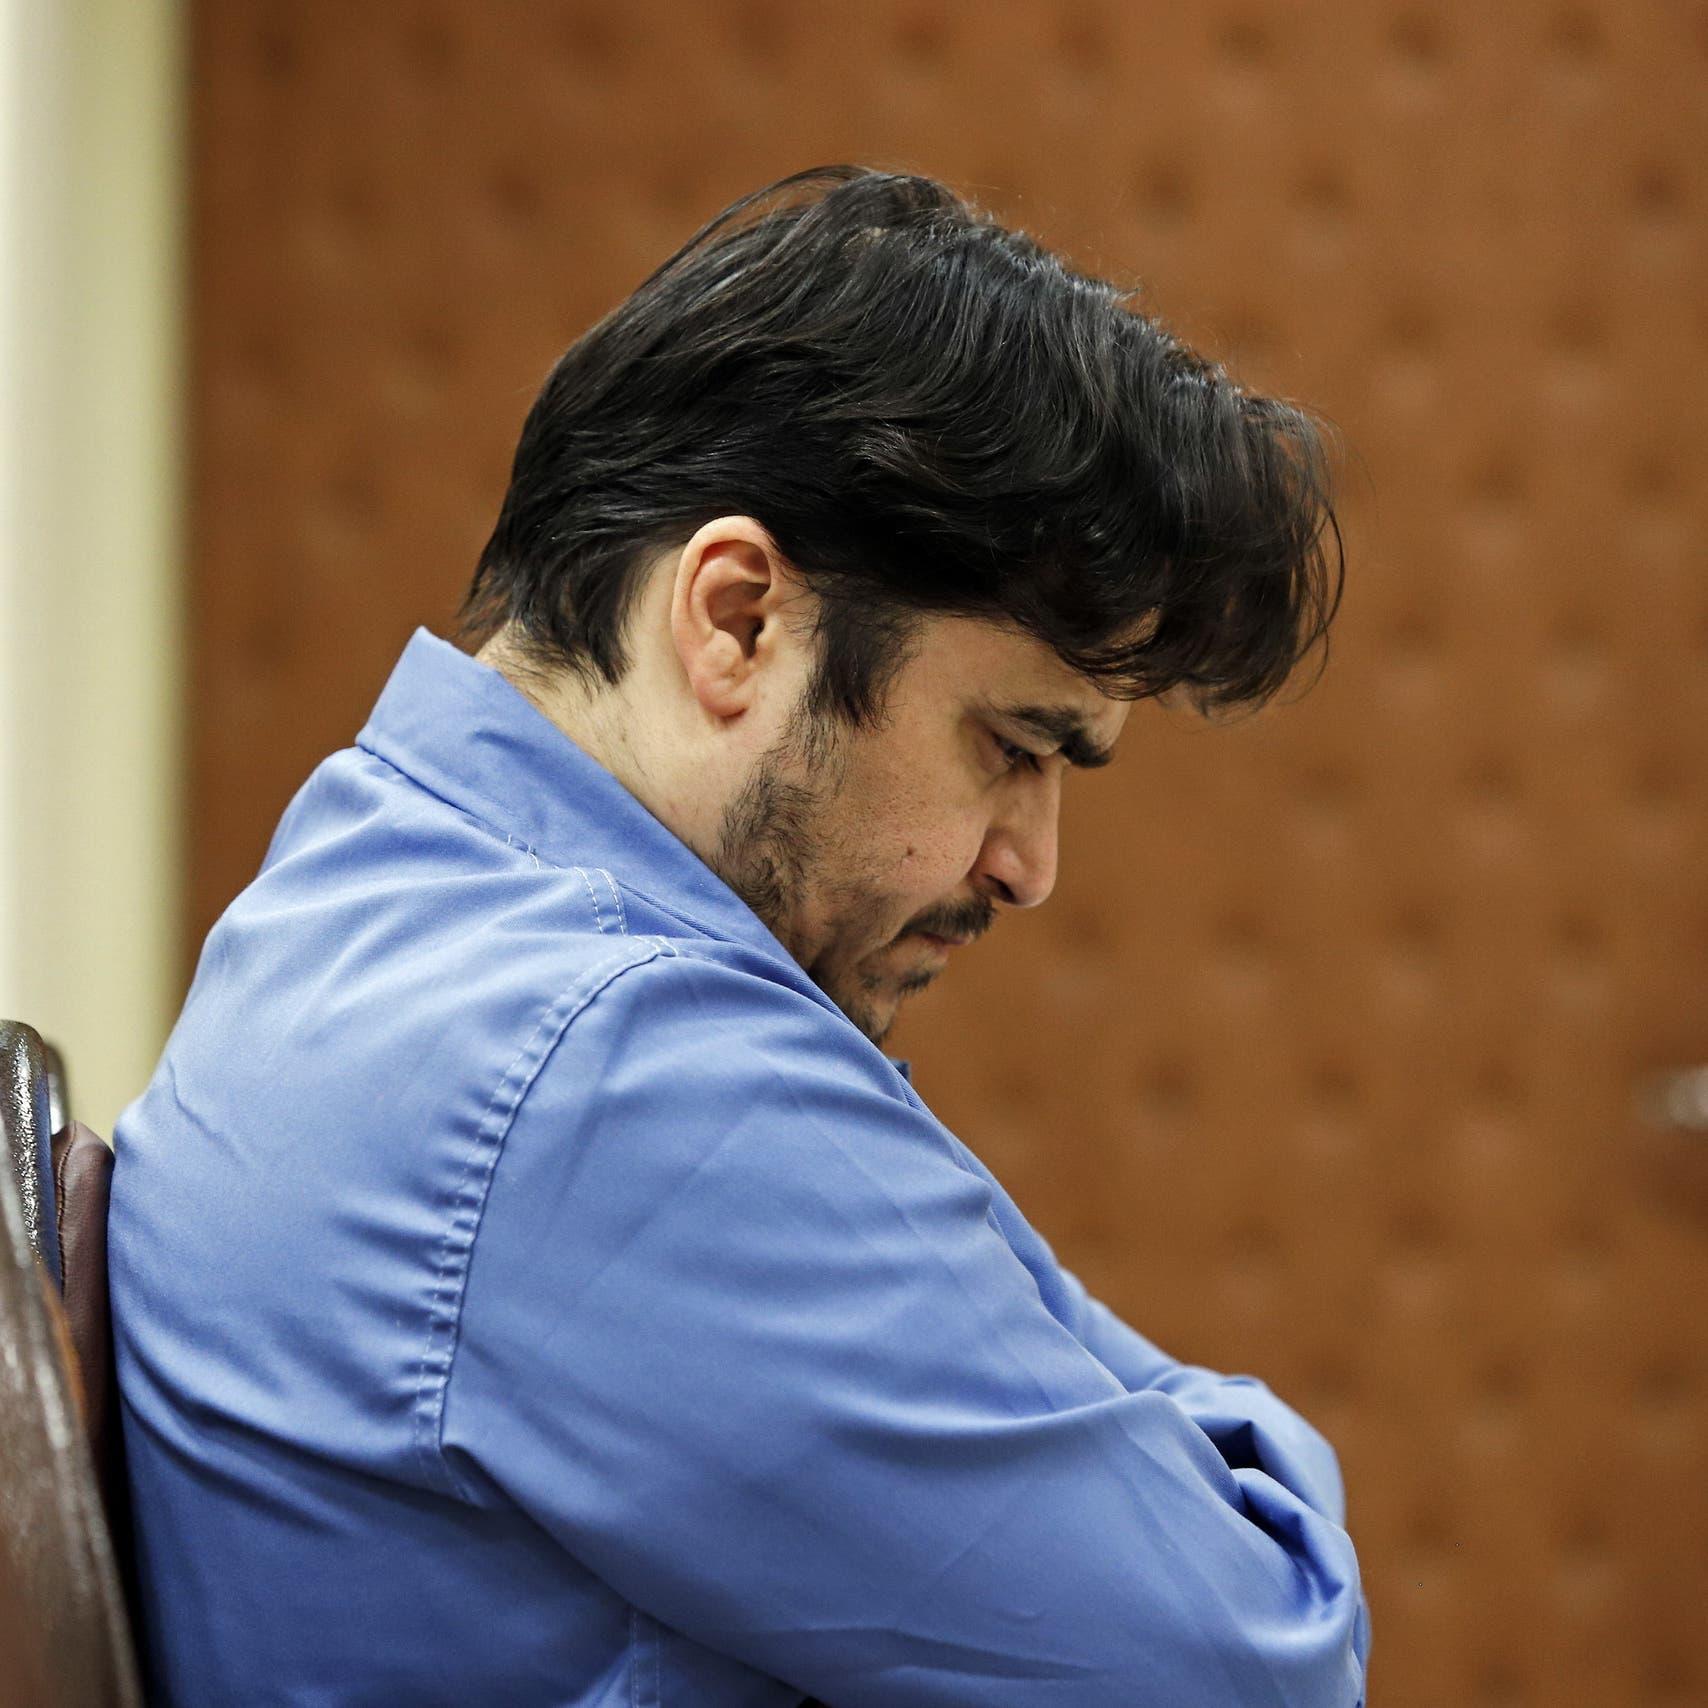 إيران تستدعي دبلوماسيين بعد انتقادات لإعدام الصحافي زم